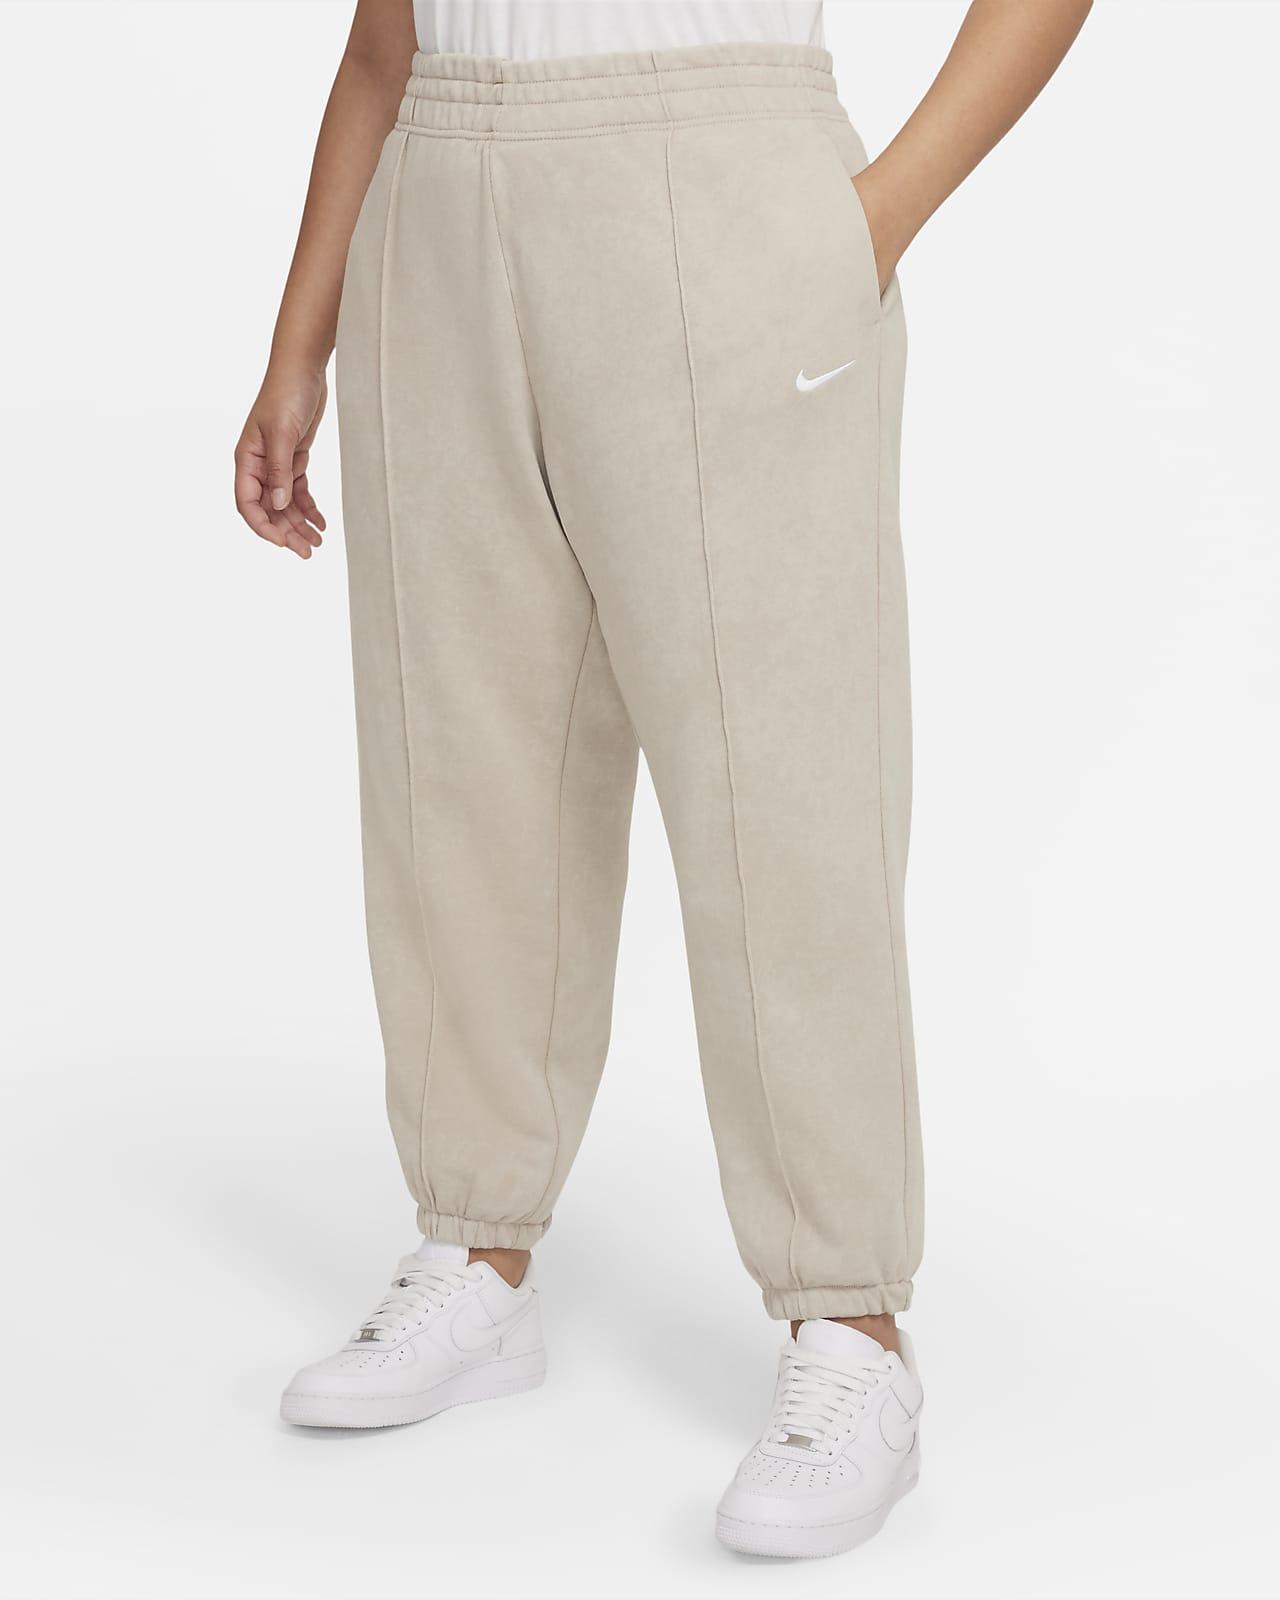 Pantalon en tissu Fleece délavé Nike Sportswear Essential Collection pour Femme (grande taille)